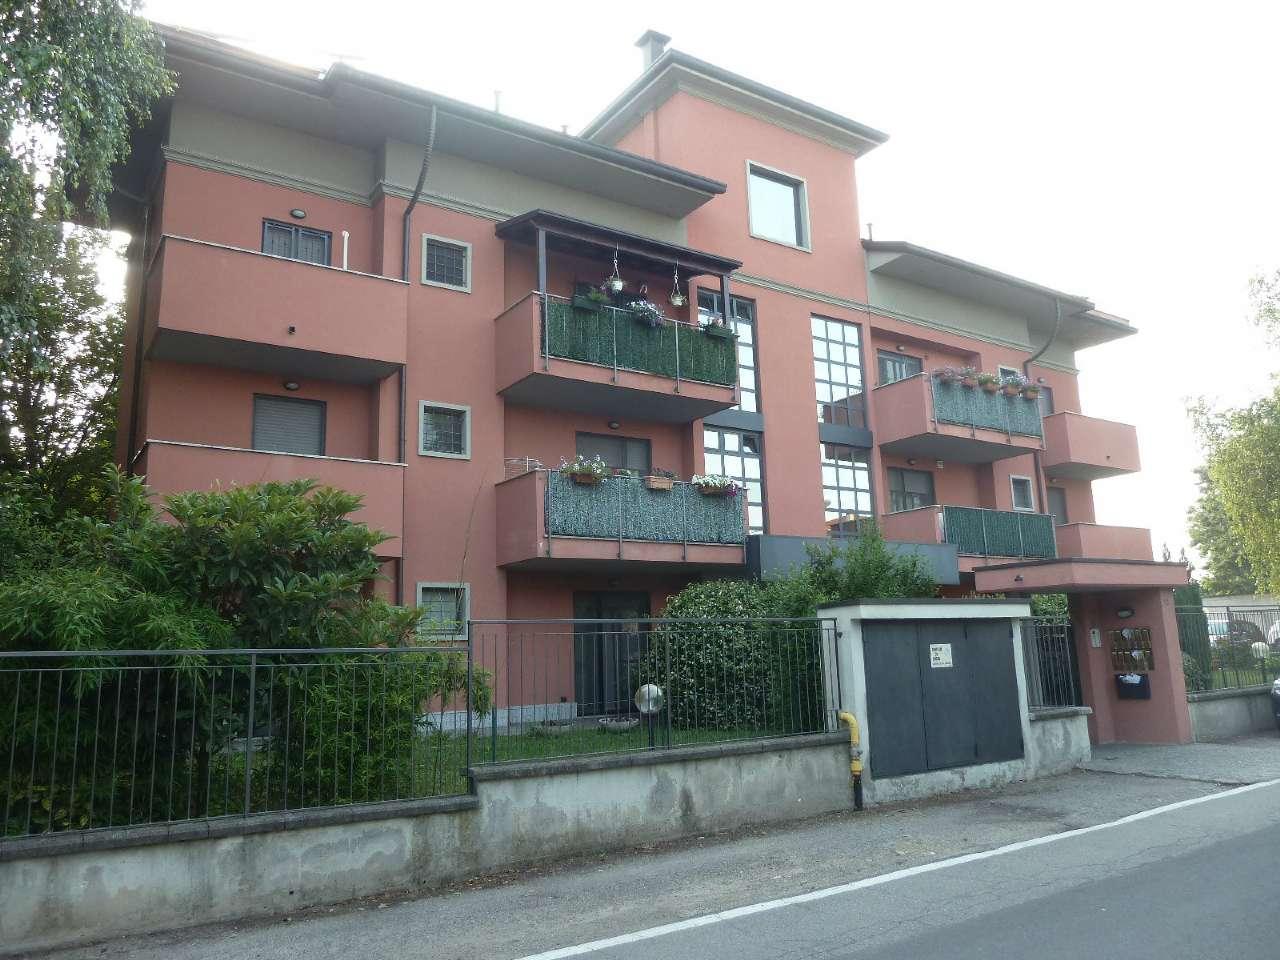 Appartamento in vendita a Gerenzano, 3 locali, prezzo € 157.000 | PortaleAgenzieImmobiliari.it